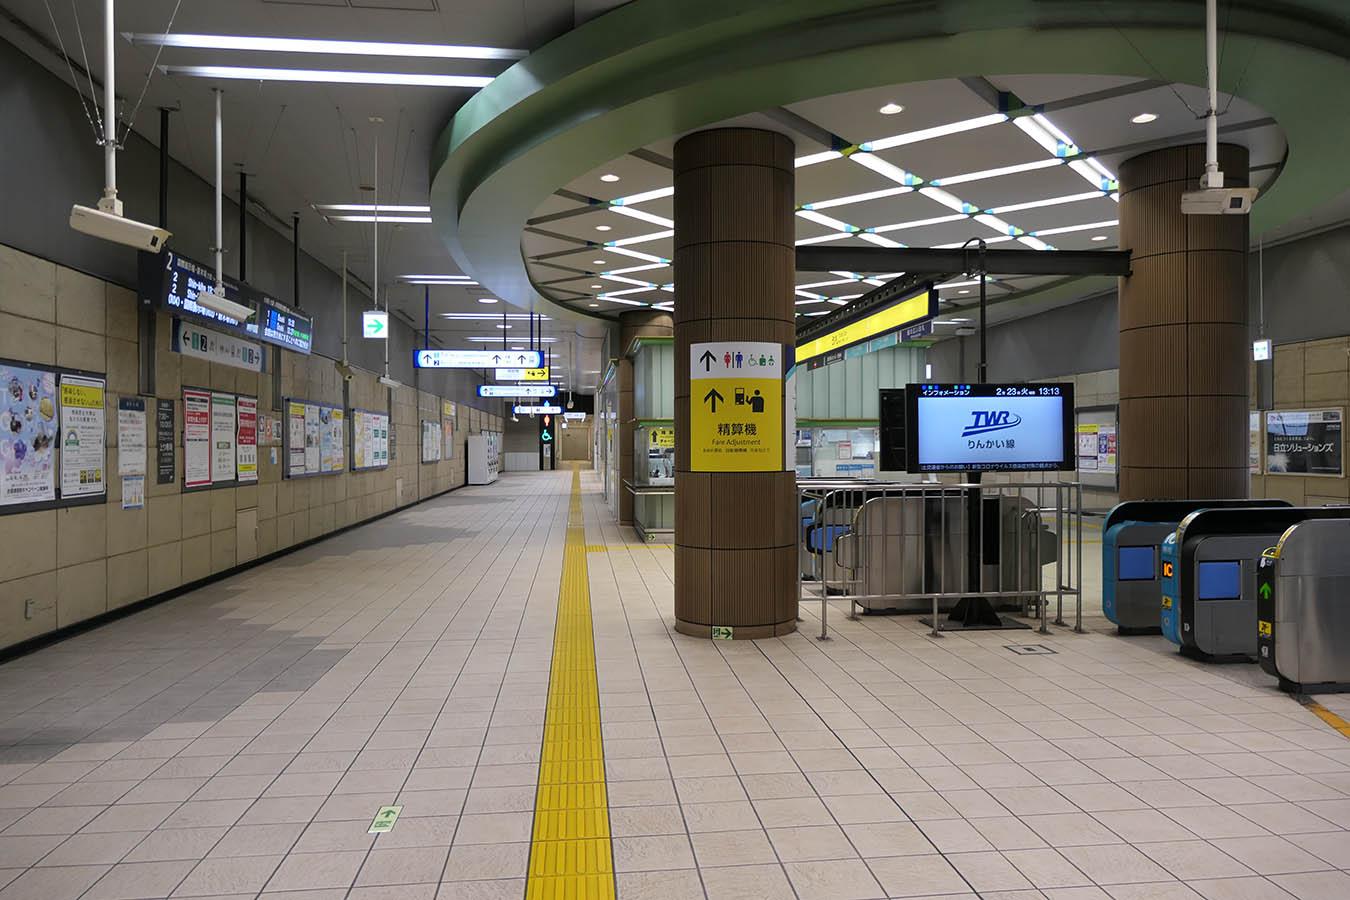 R06_photo06.jpg